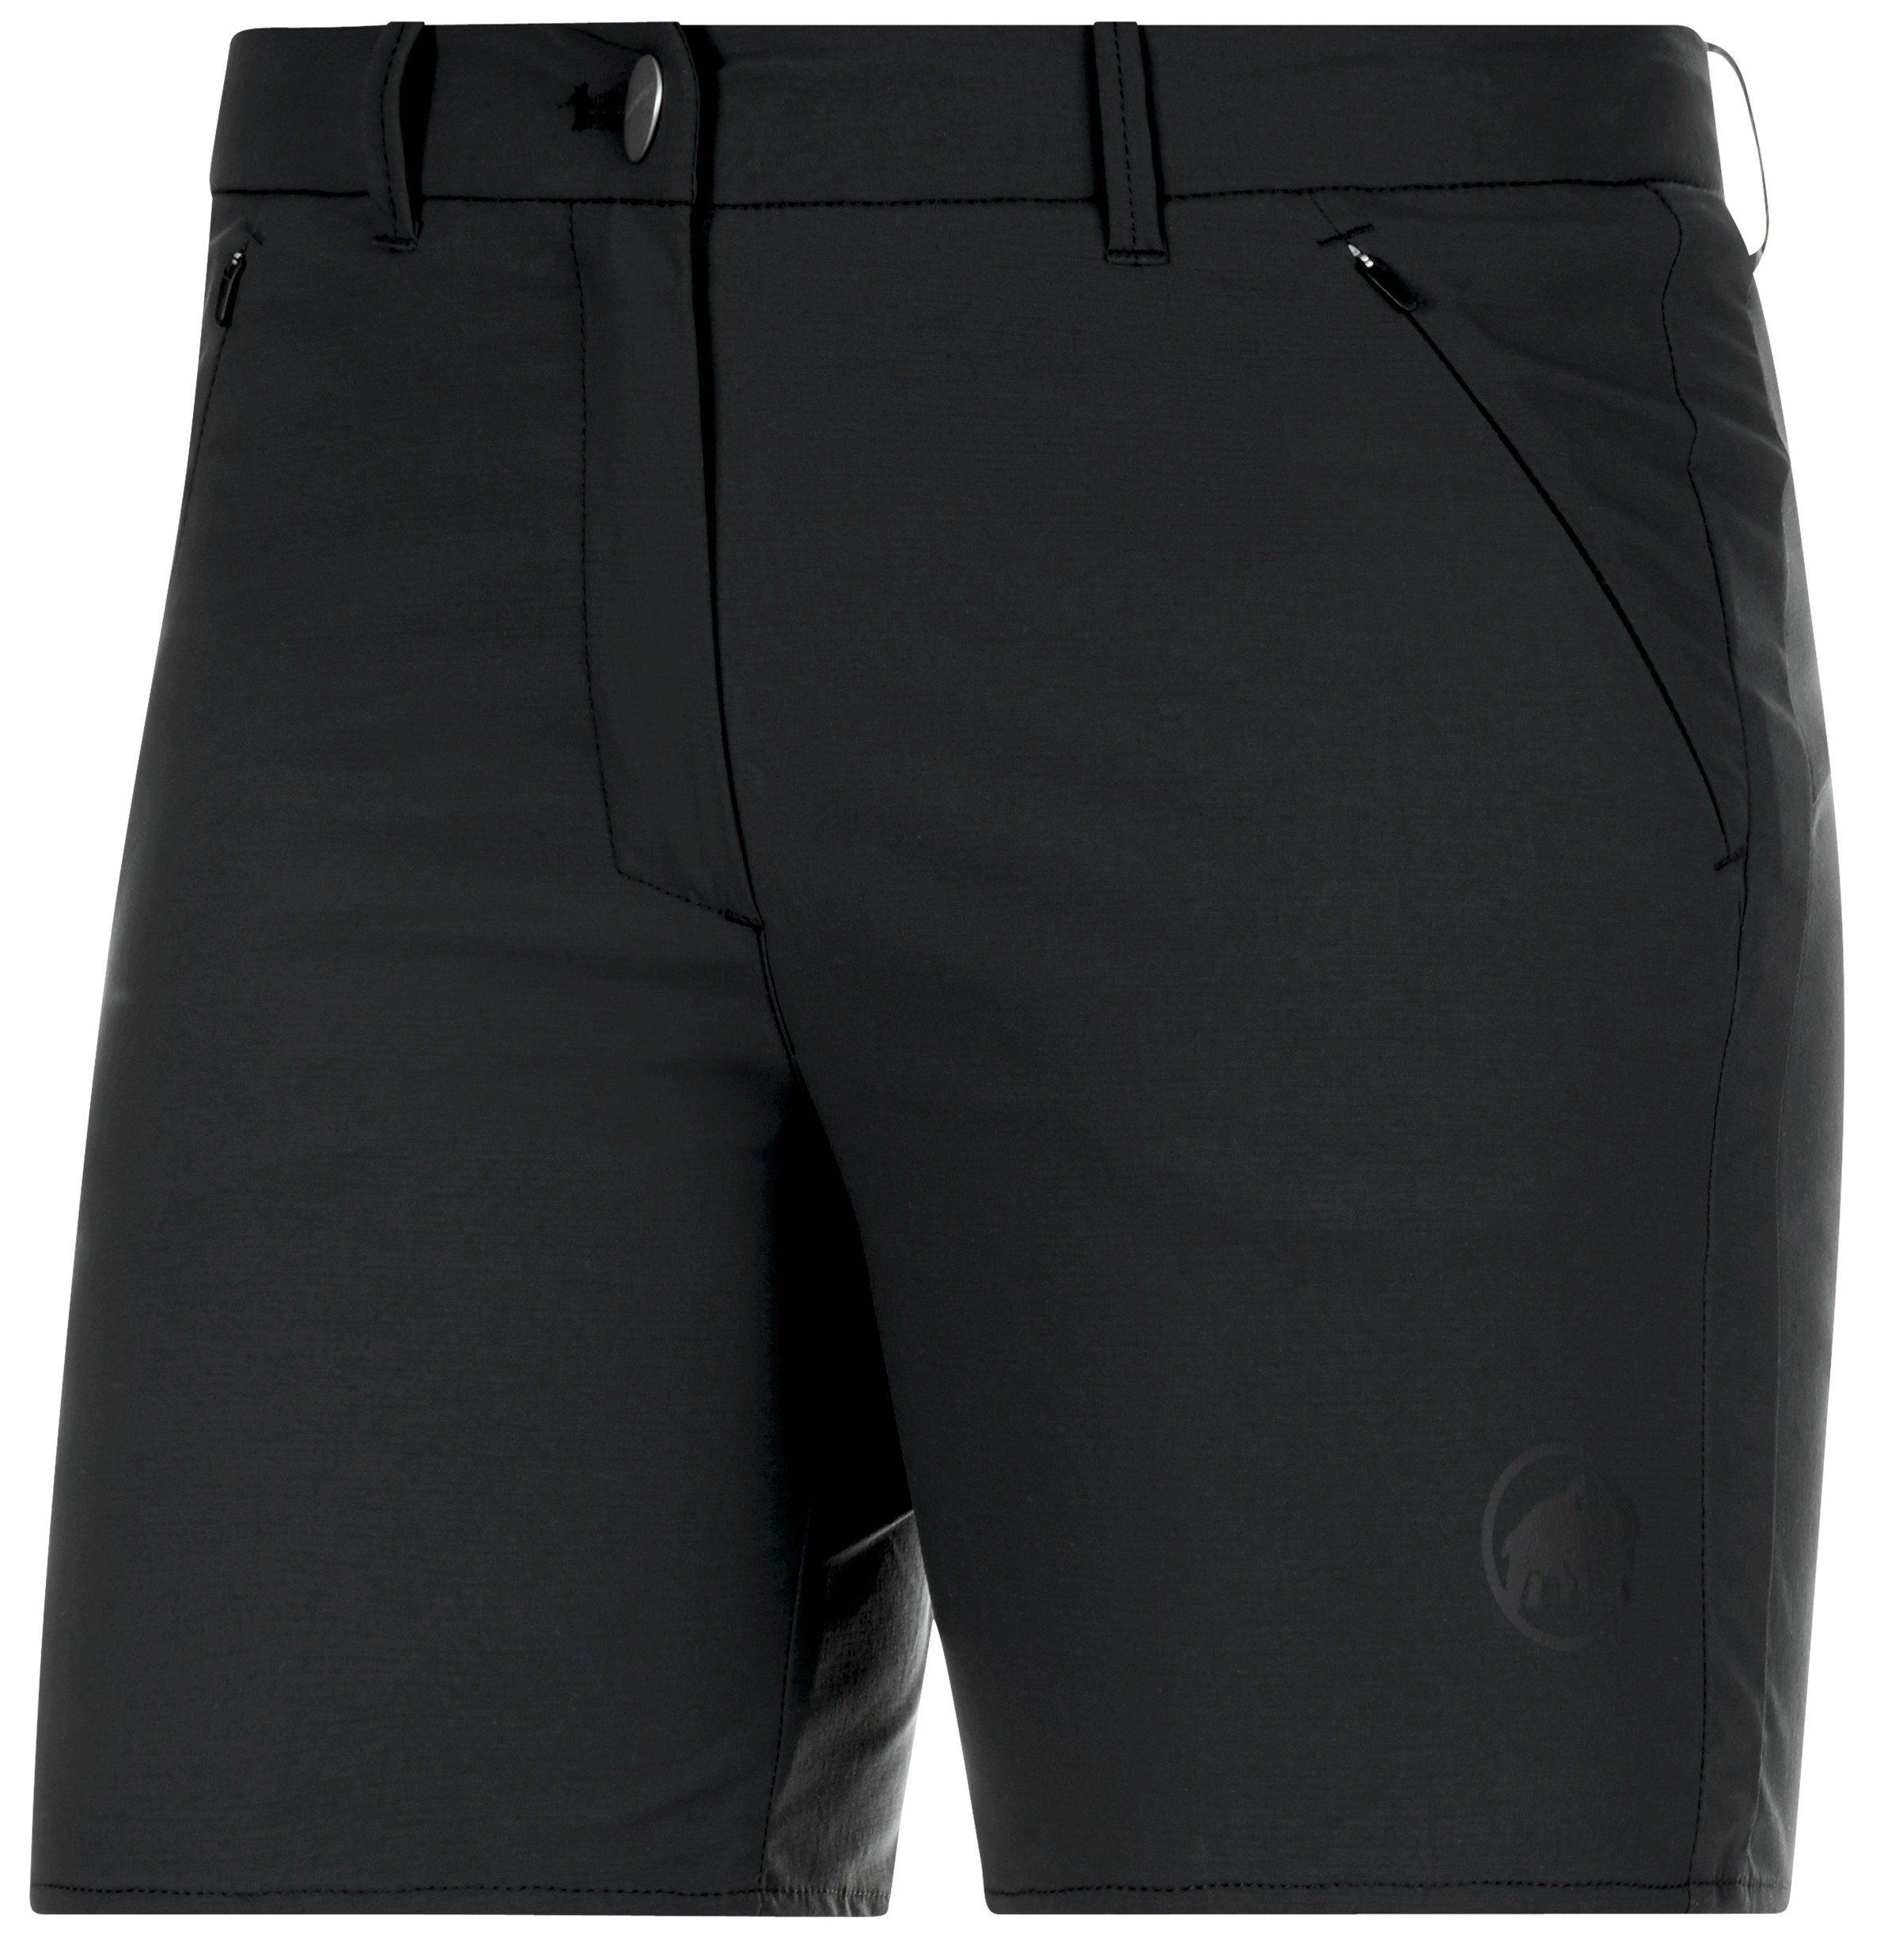 Mammut Hiking Shorts W 36